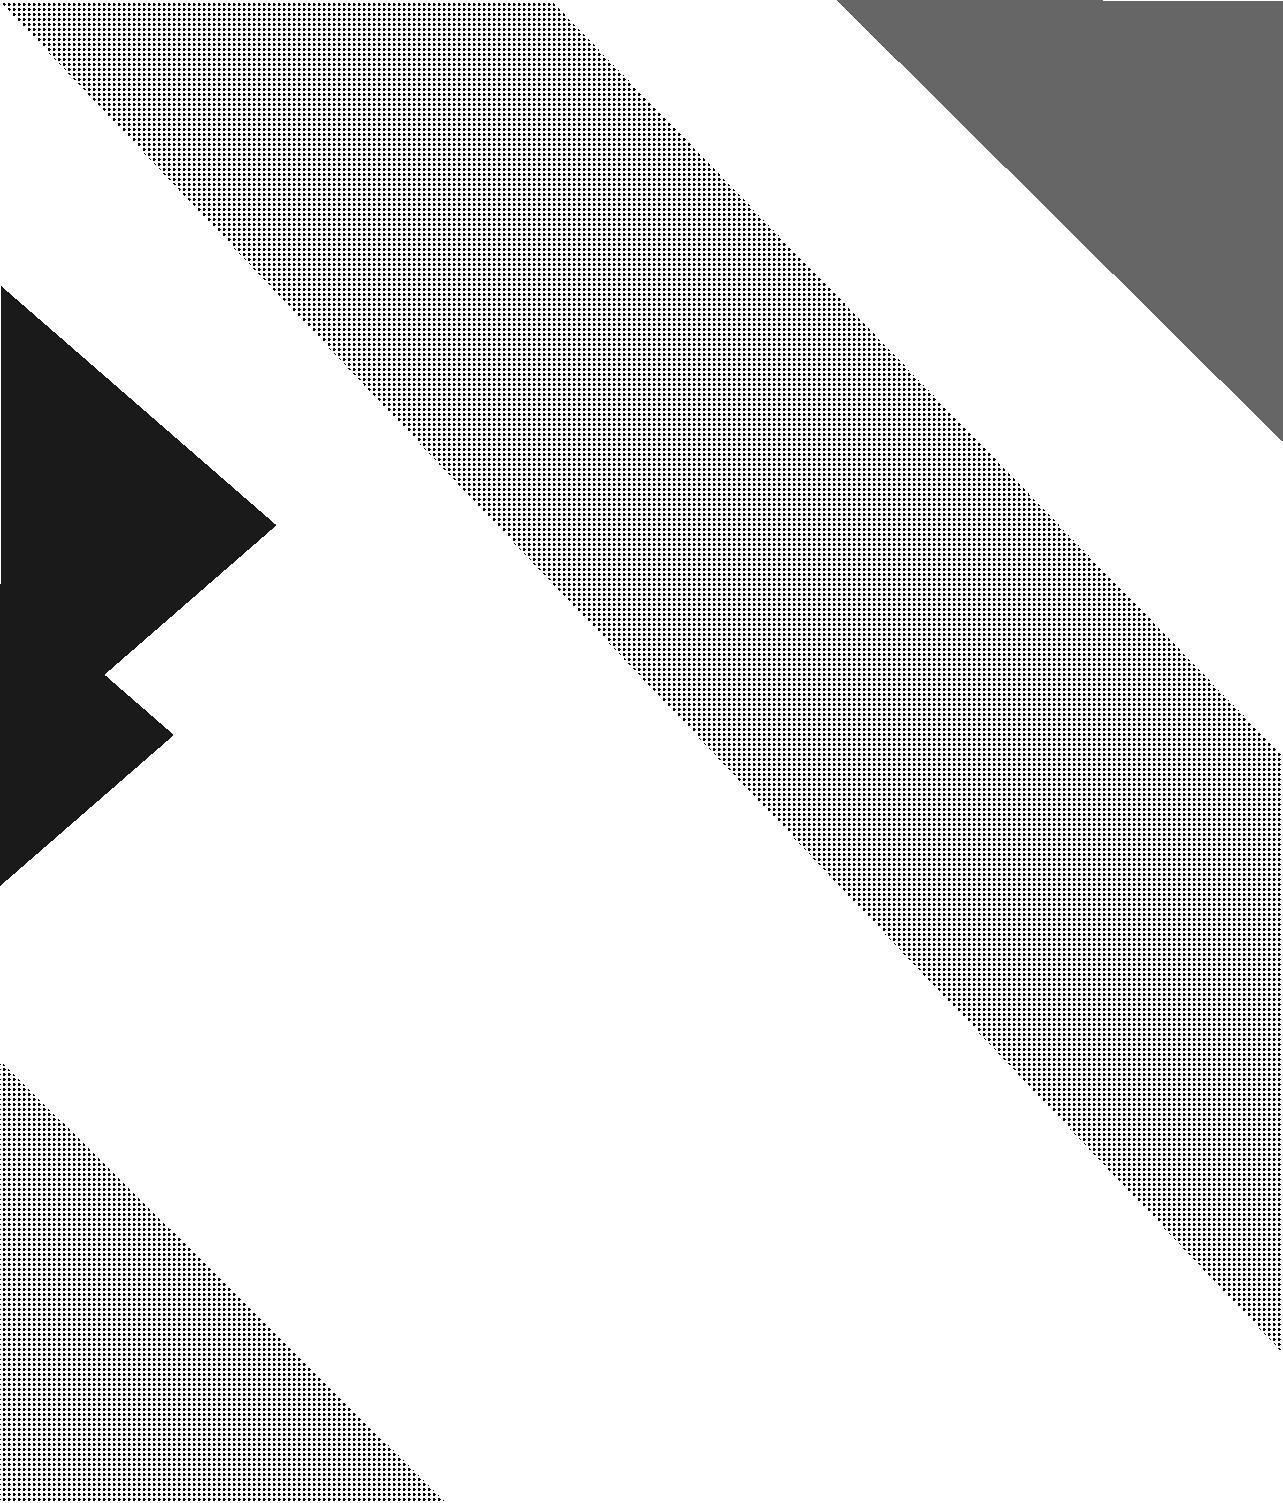 LineShapeDots_Blk__Trans_20__1283x1503__.png